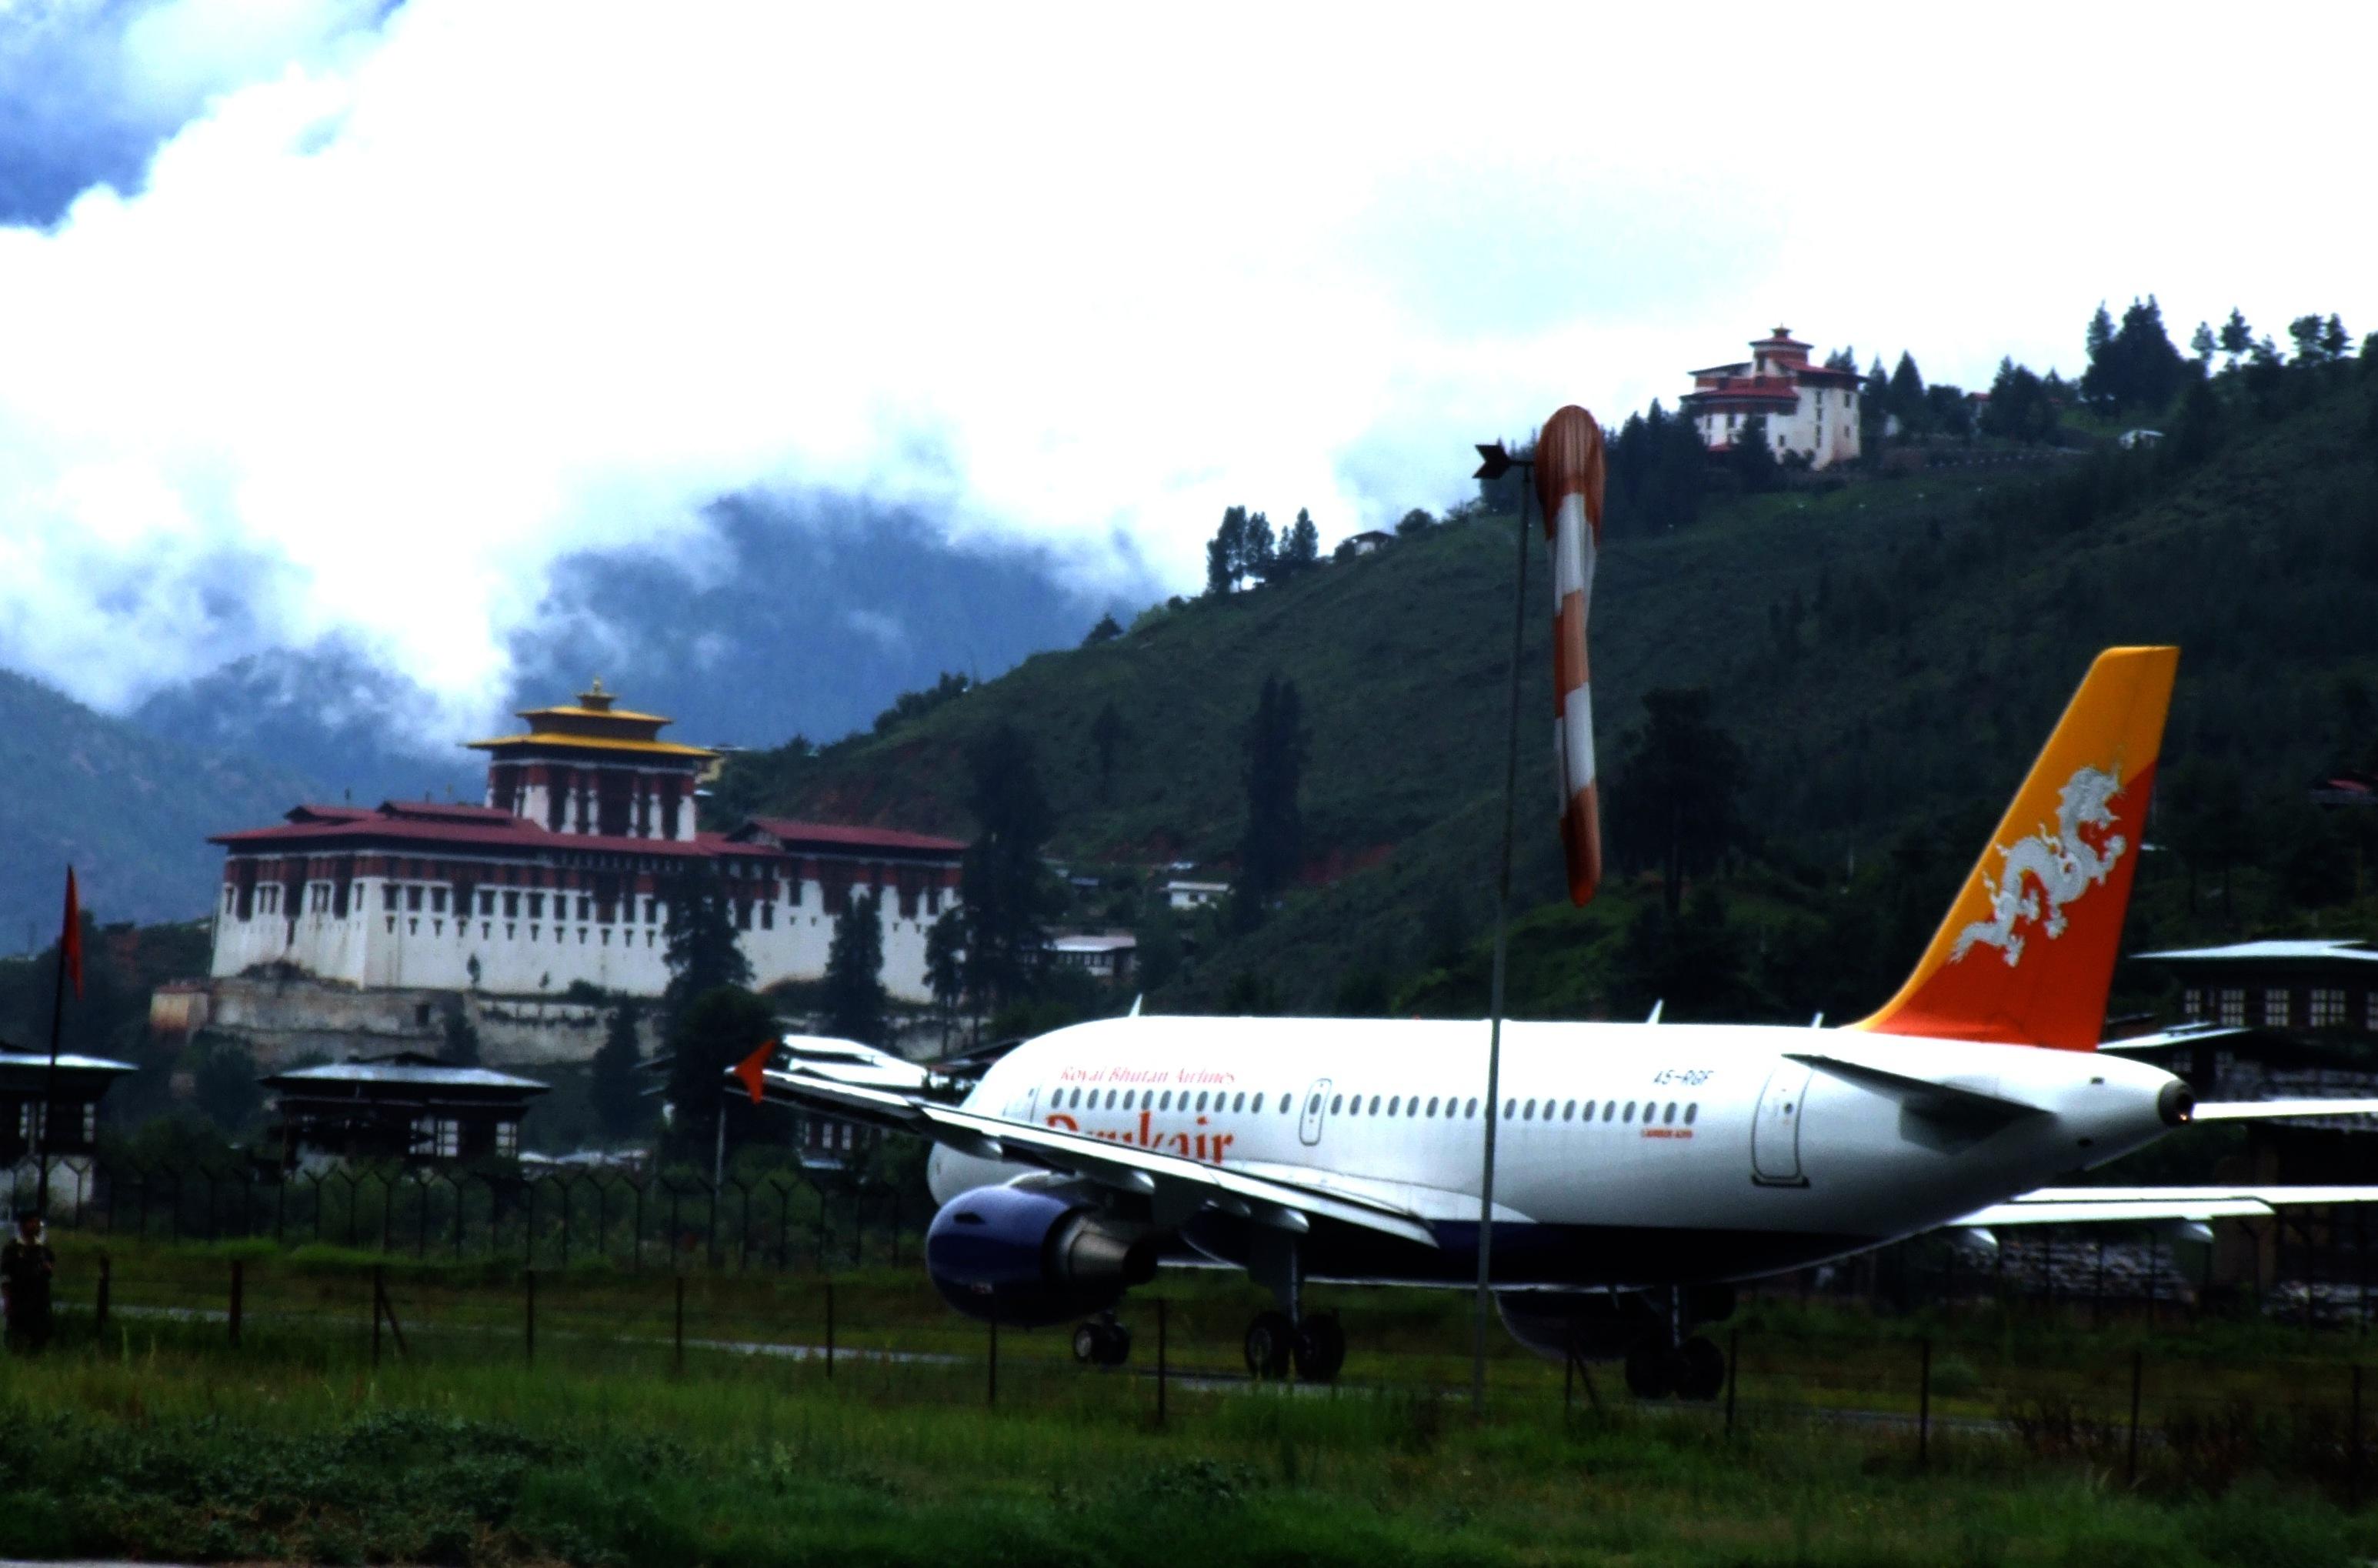 Drukair Air Connects Singapore Little Bhutan